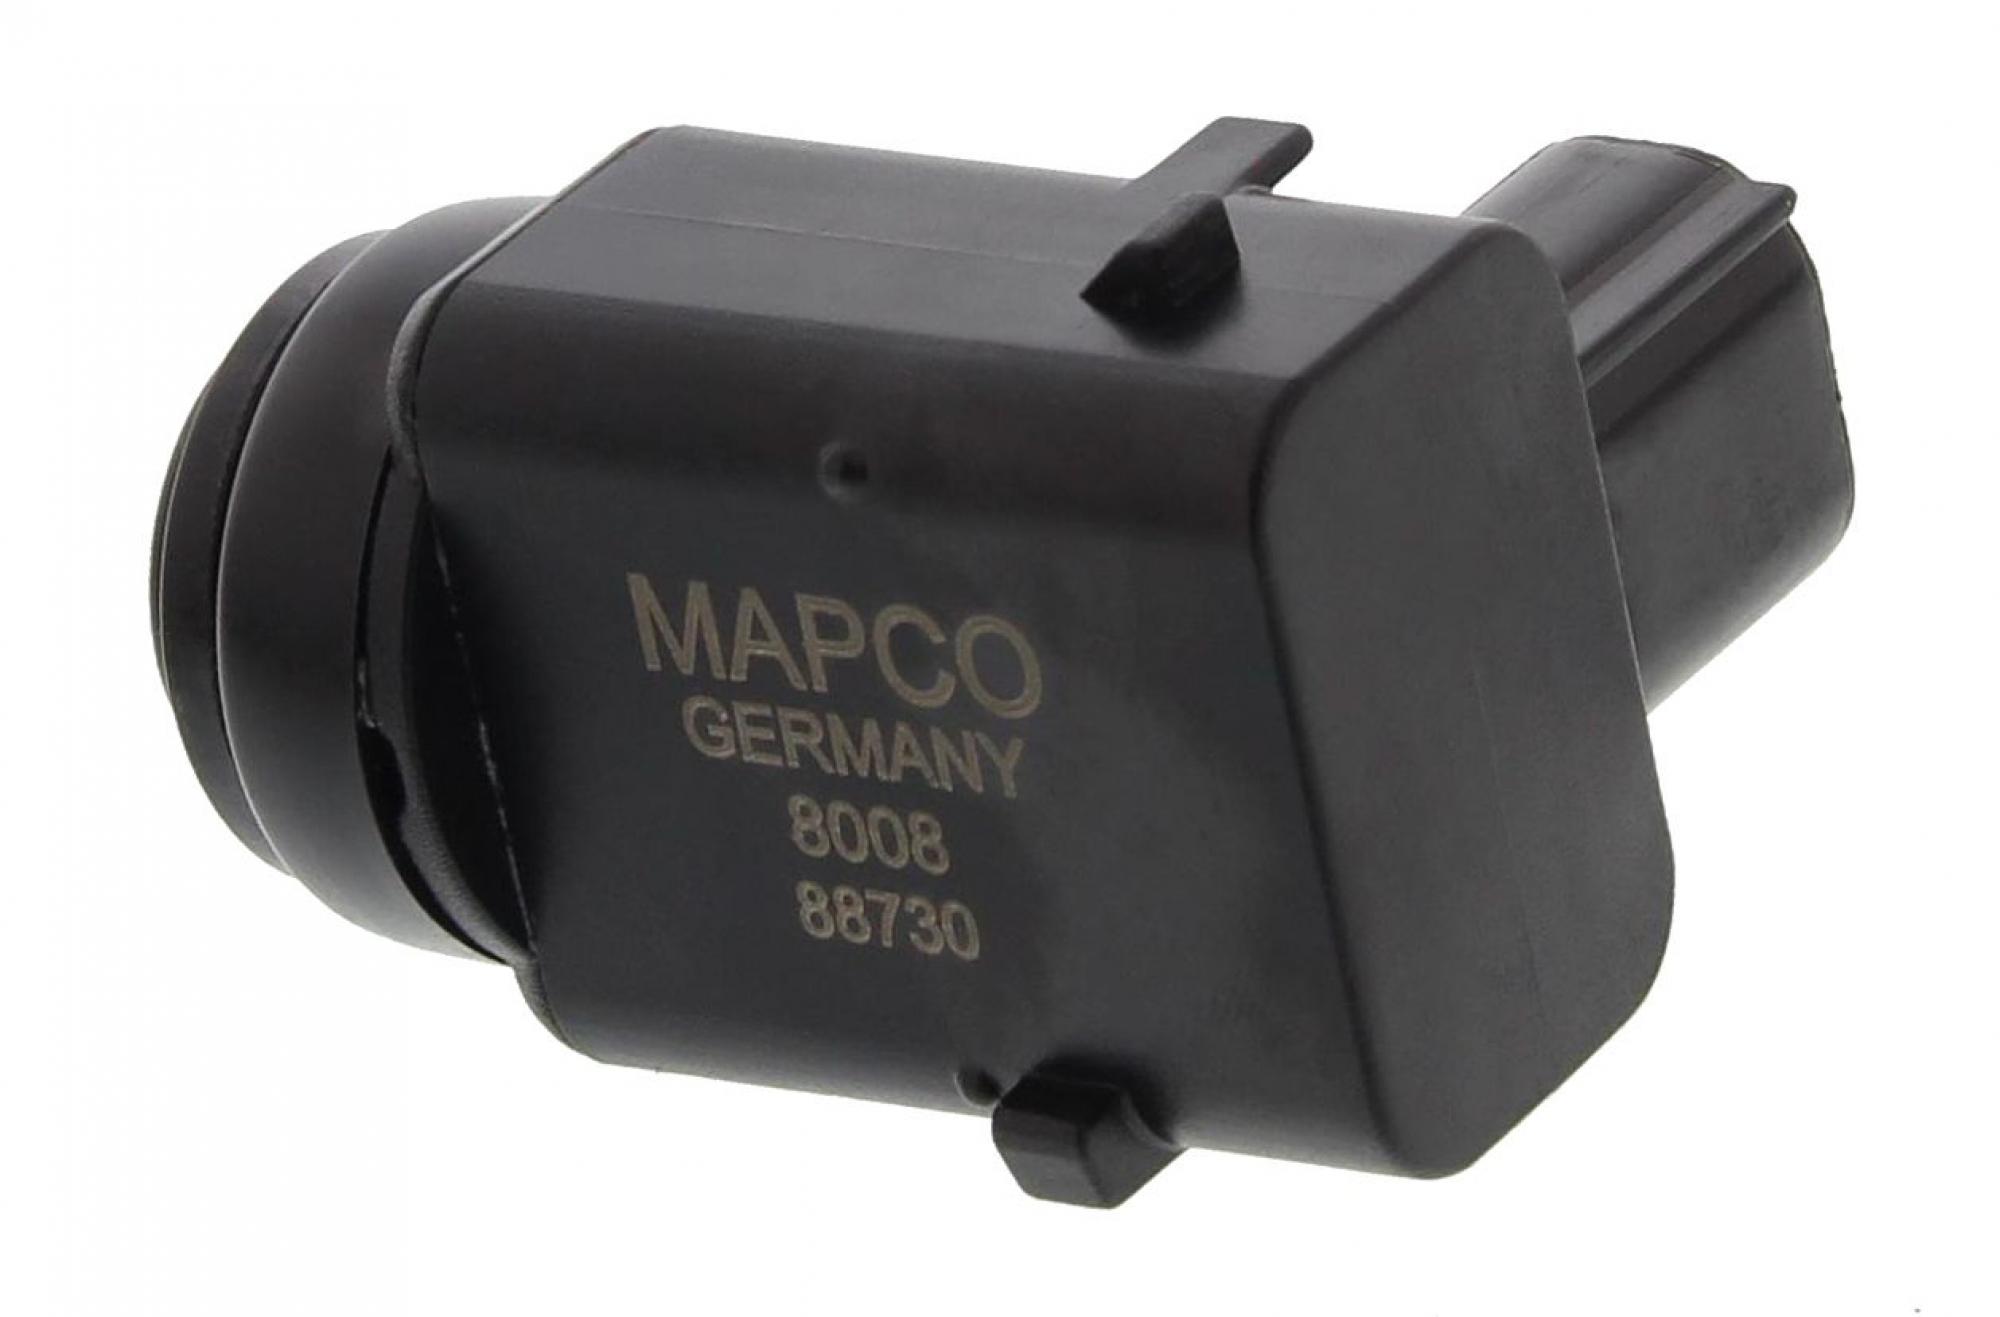 MAPCO 88730 Sensor, parking assist